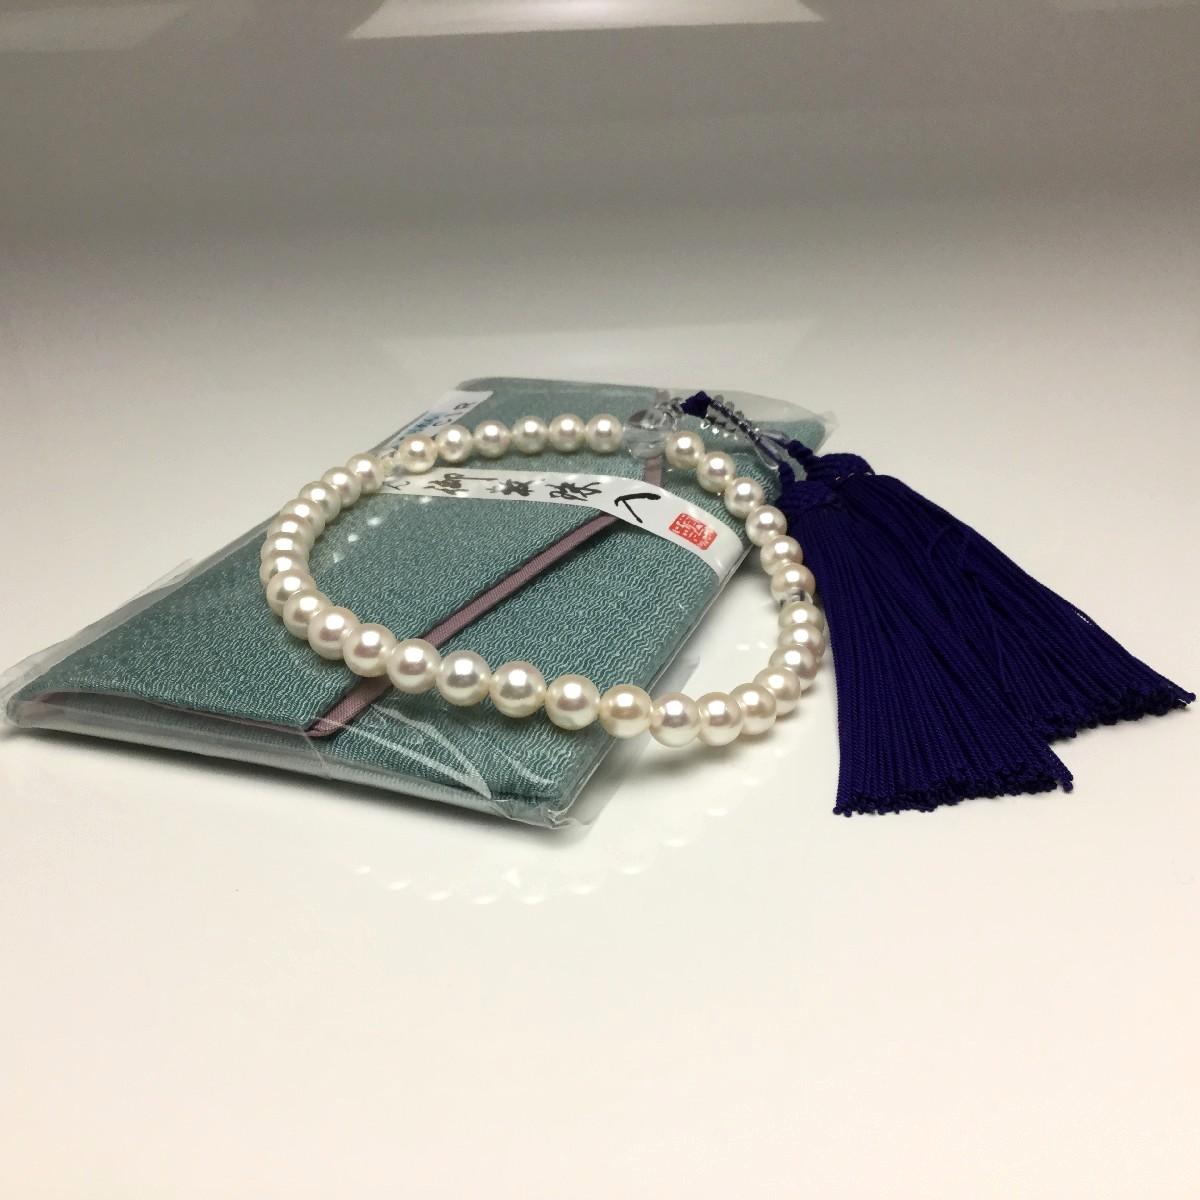 真珠 念珠(数珠) パール アコヤ真珠 7.5-8.0mm ホワイト 正絹房 水晶(クォーツ) 67128 イソワパール